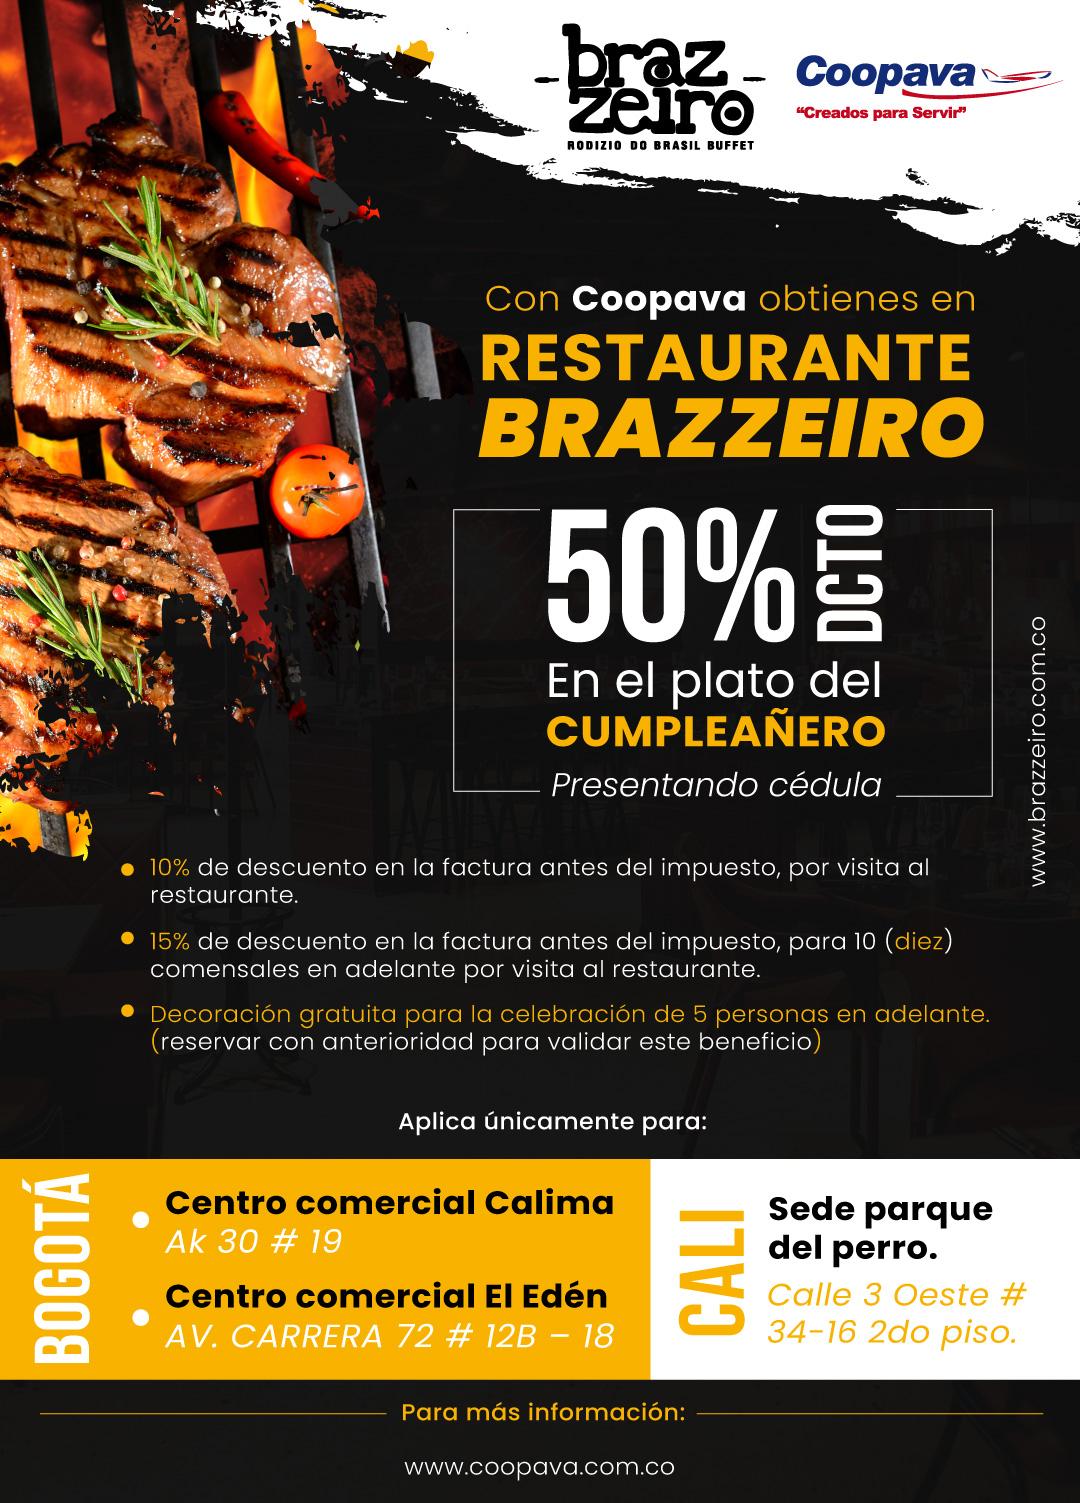 restaurante-brazeiro2.jpg (566 KB)